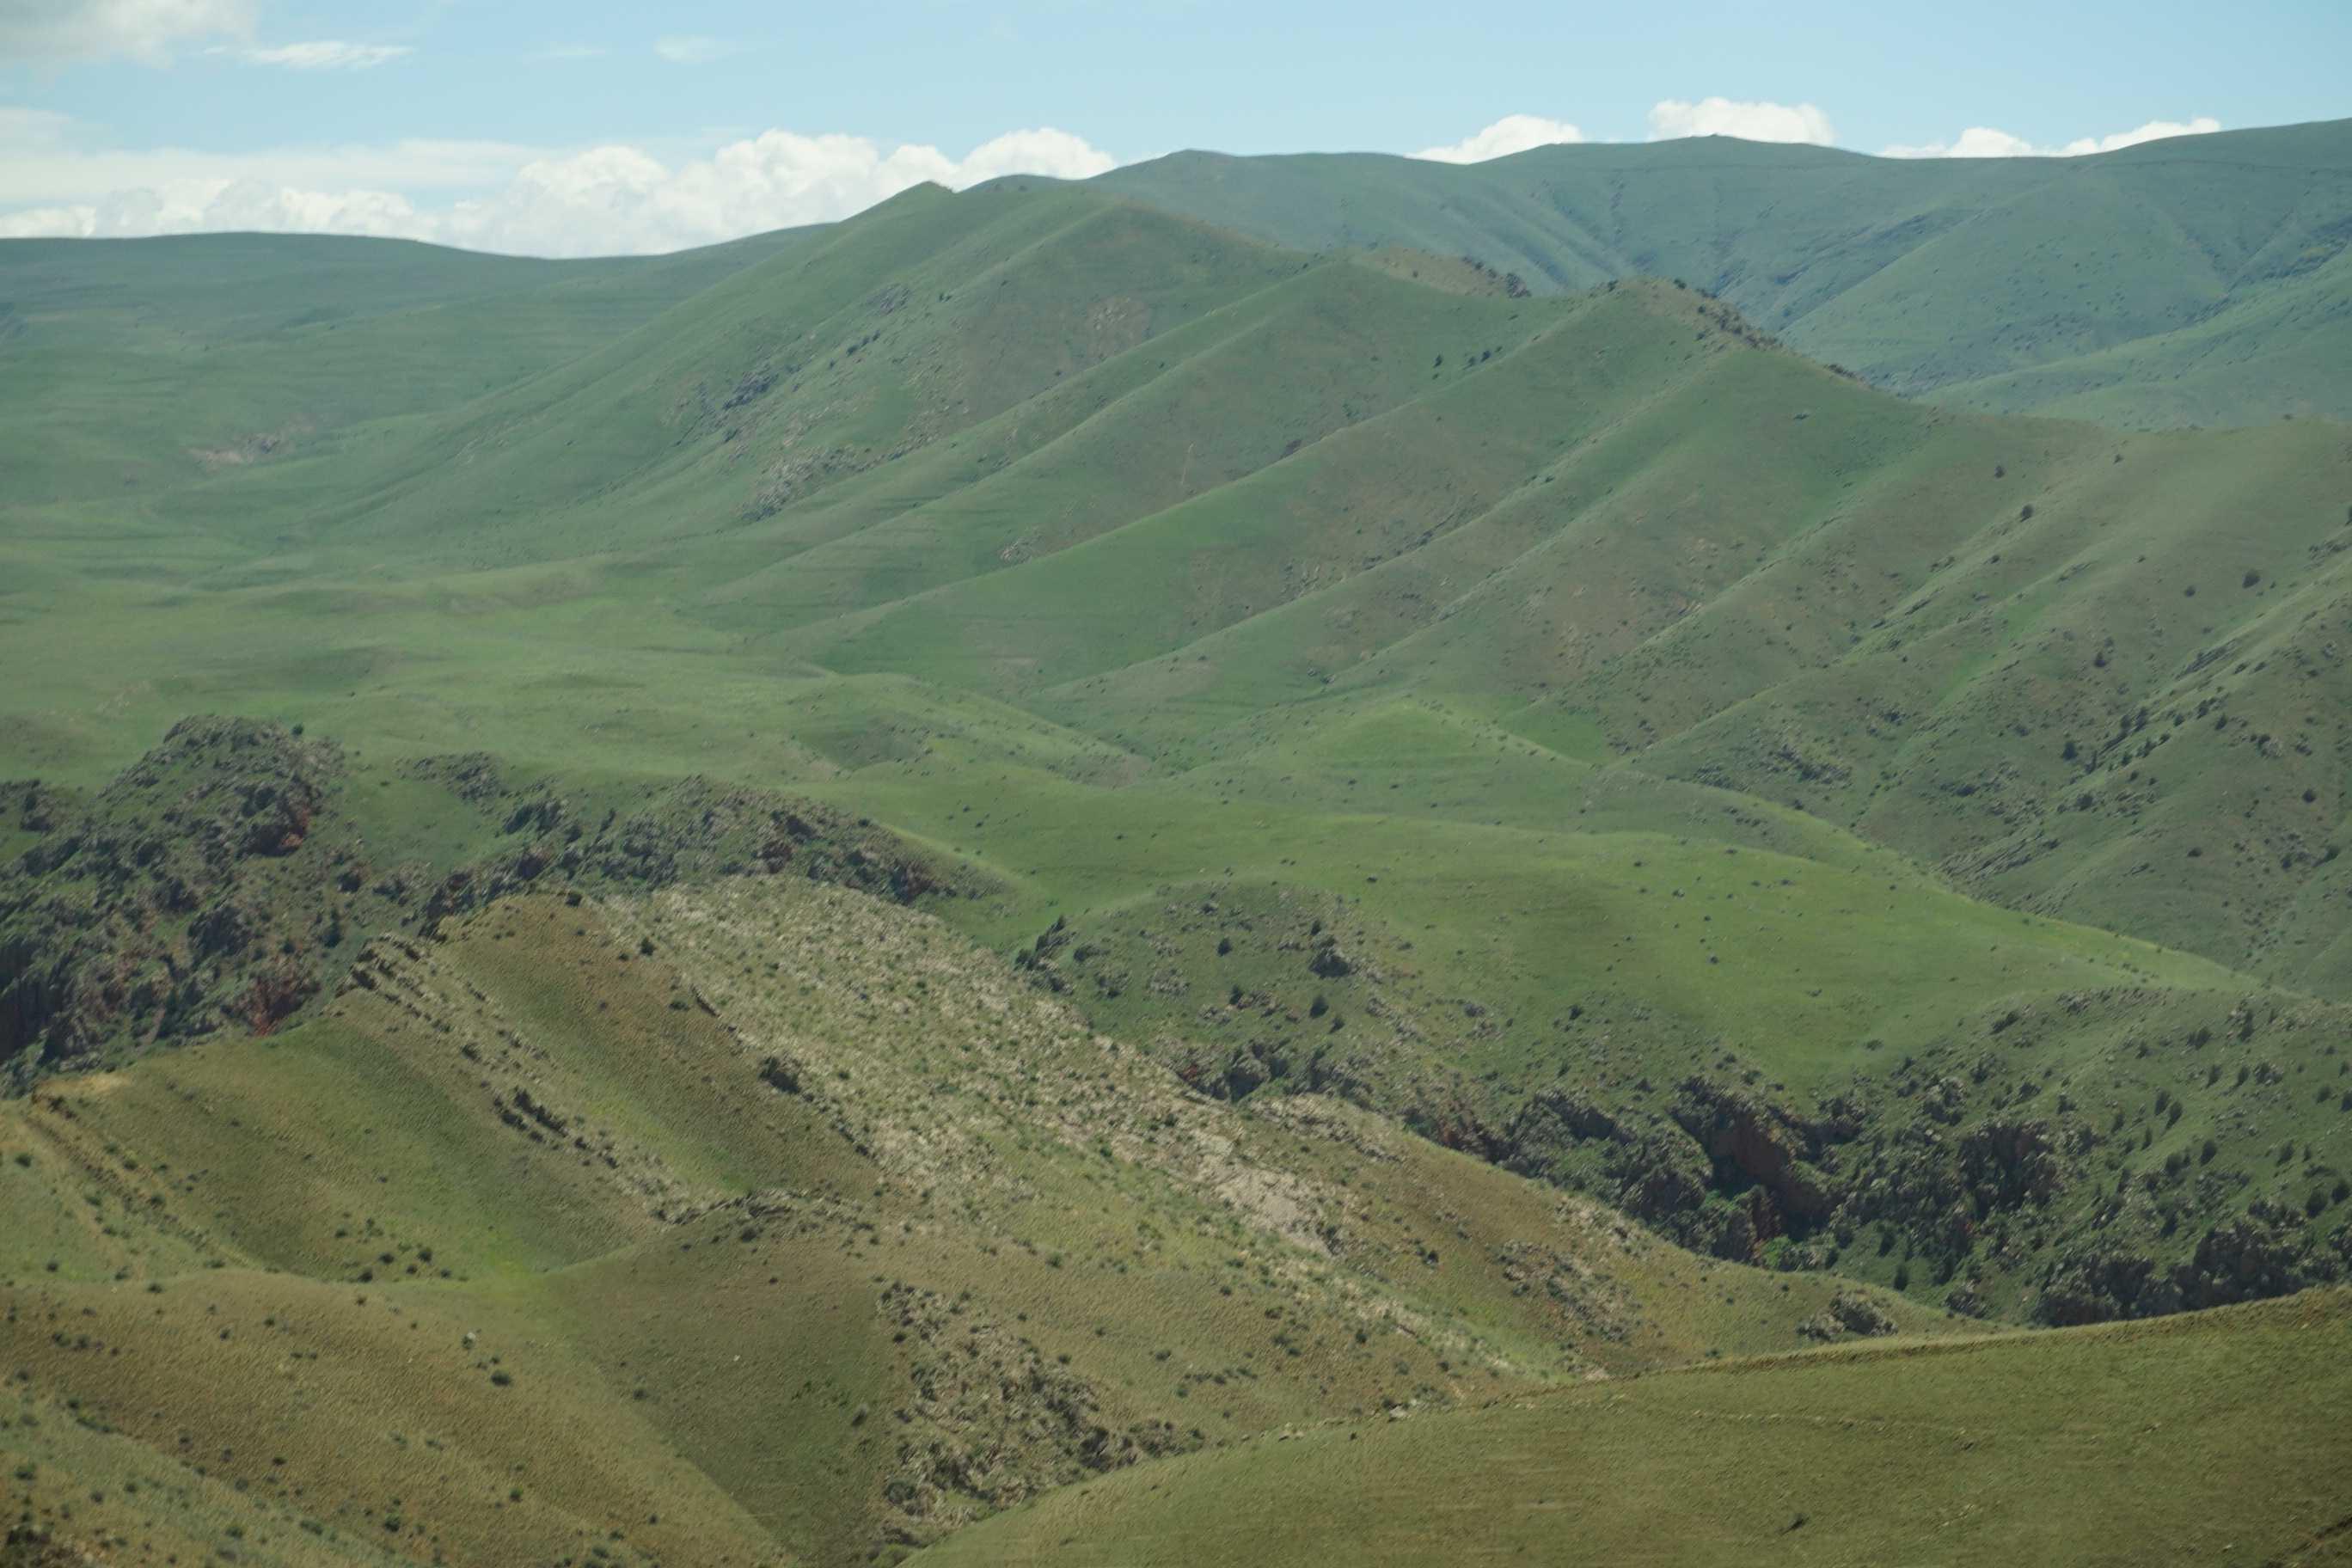 Paysage près de Garni : Erevan et ses environs : Arménie : Routard.com